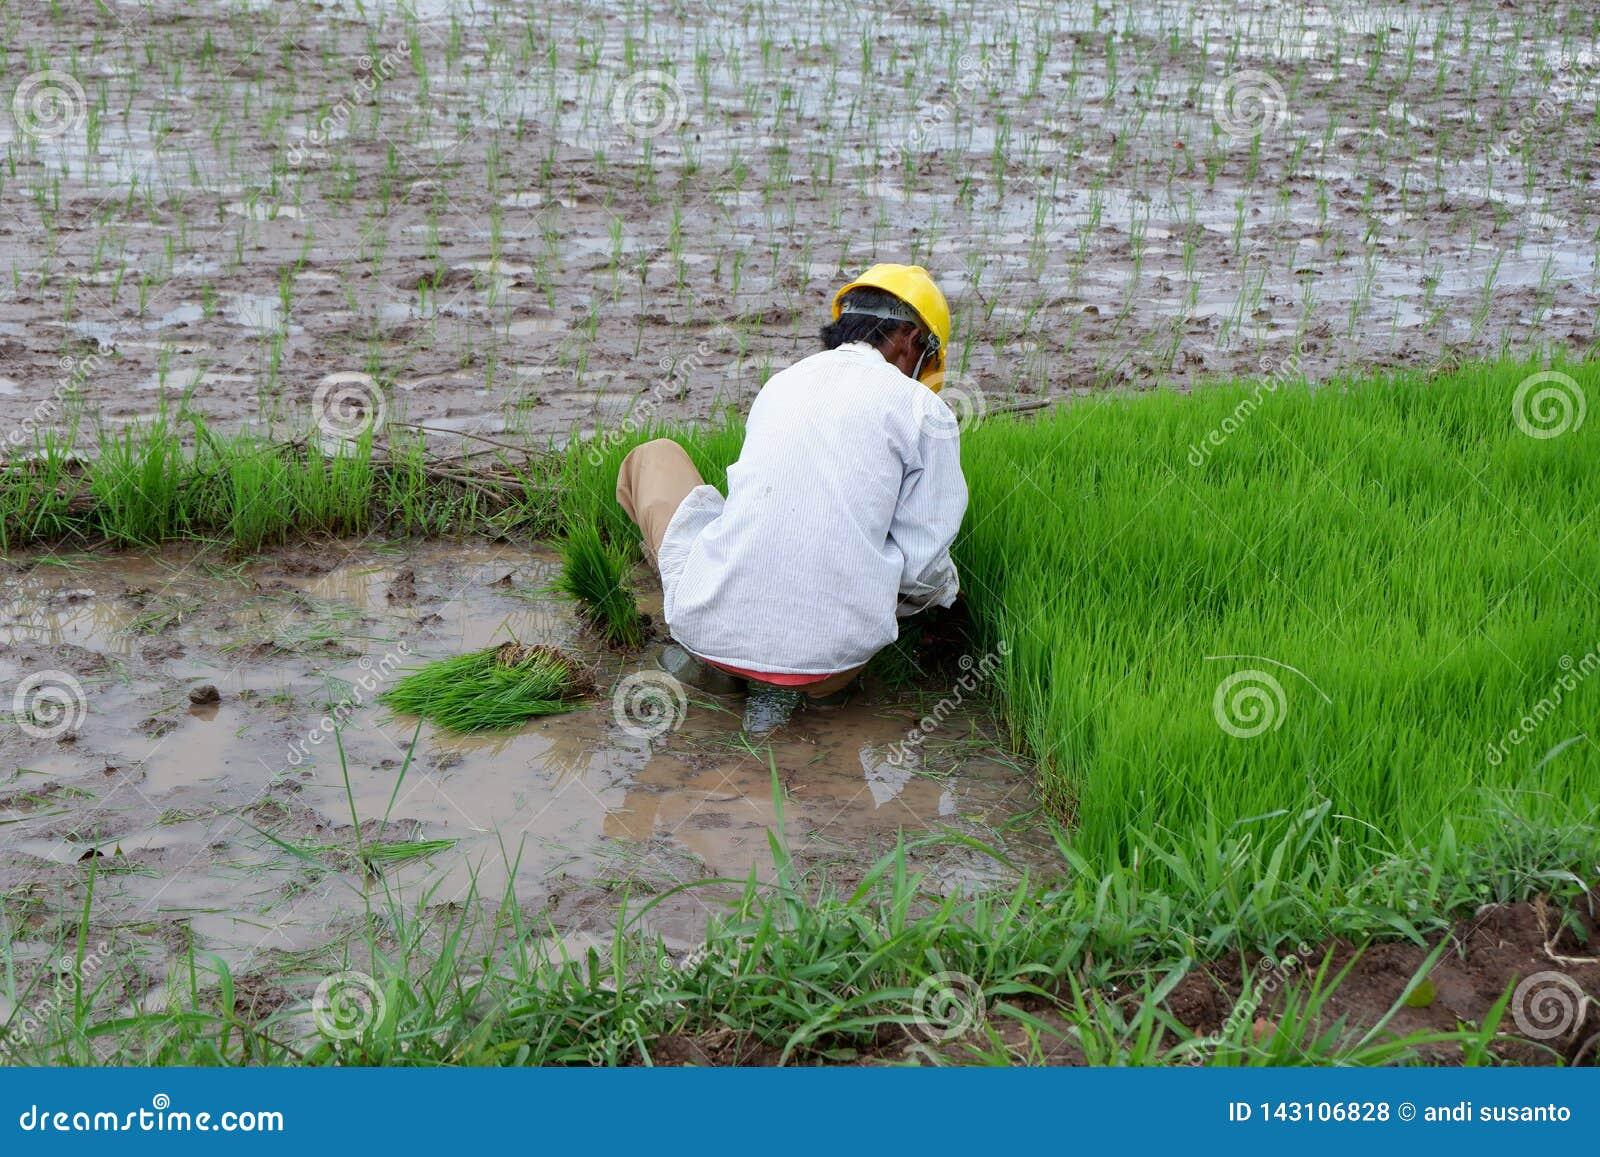 Alguien está plantando el arroz en los campos